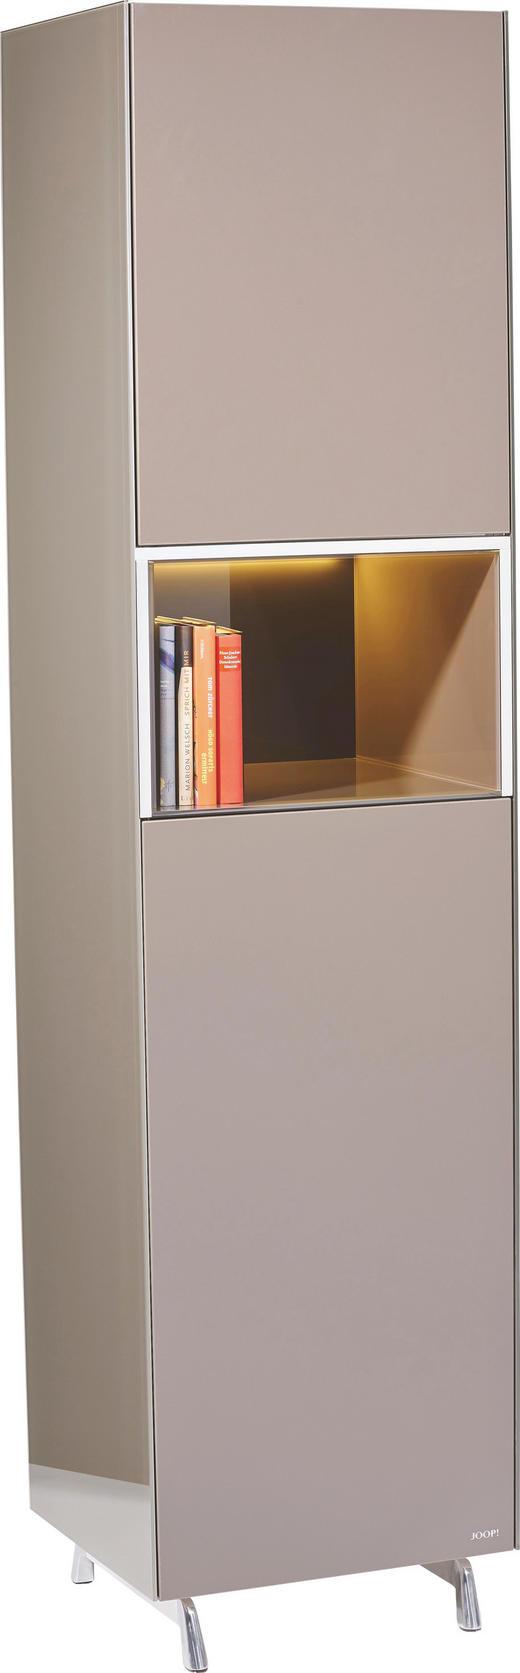 VITRINE Braun - Alufarben/Braun, Design, Glas/Holzwerkstoff (52/209/46cm) - Joop!